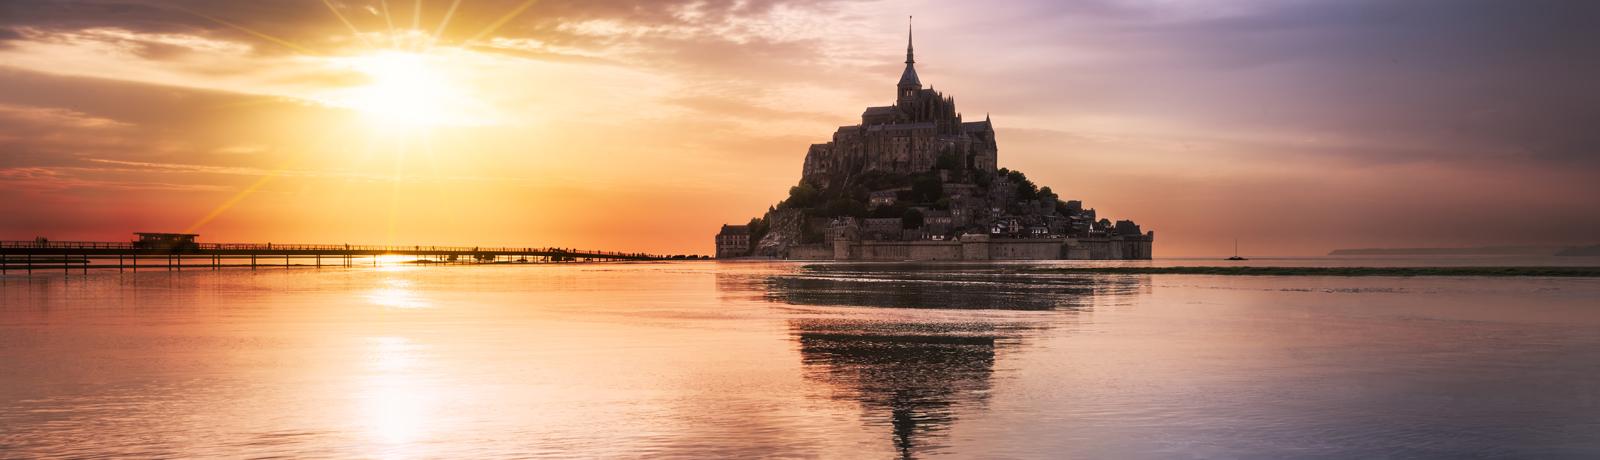 le-mont-saint-michel